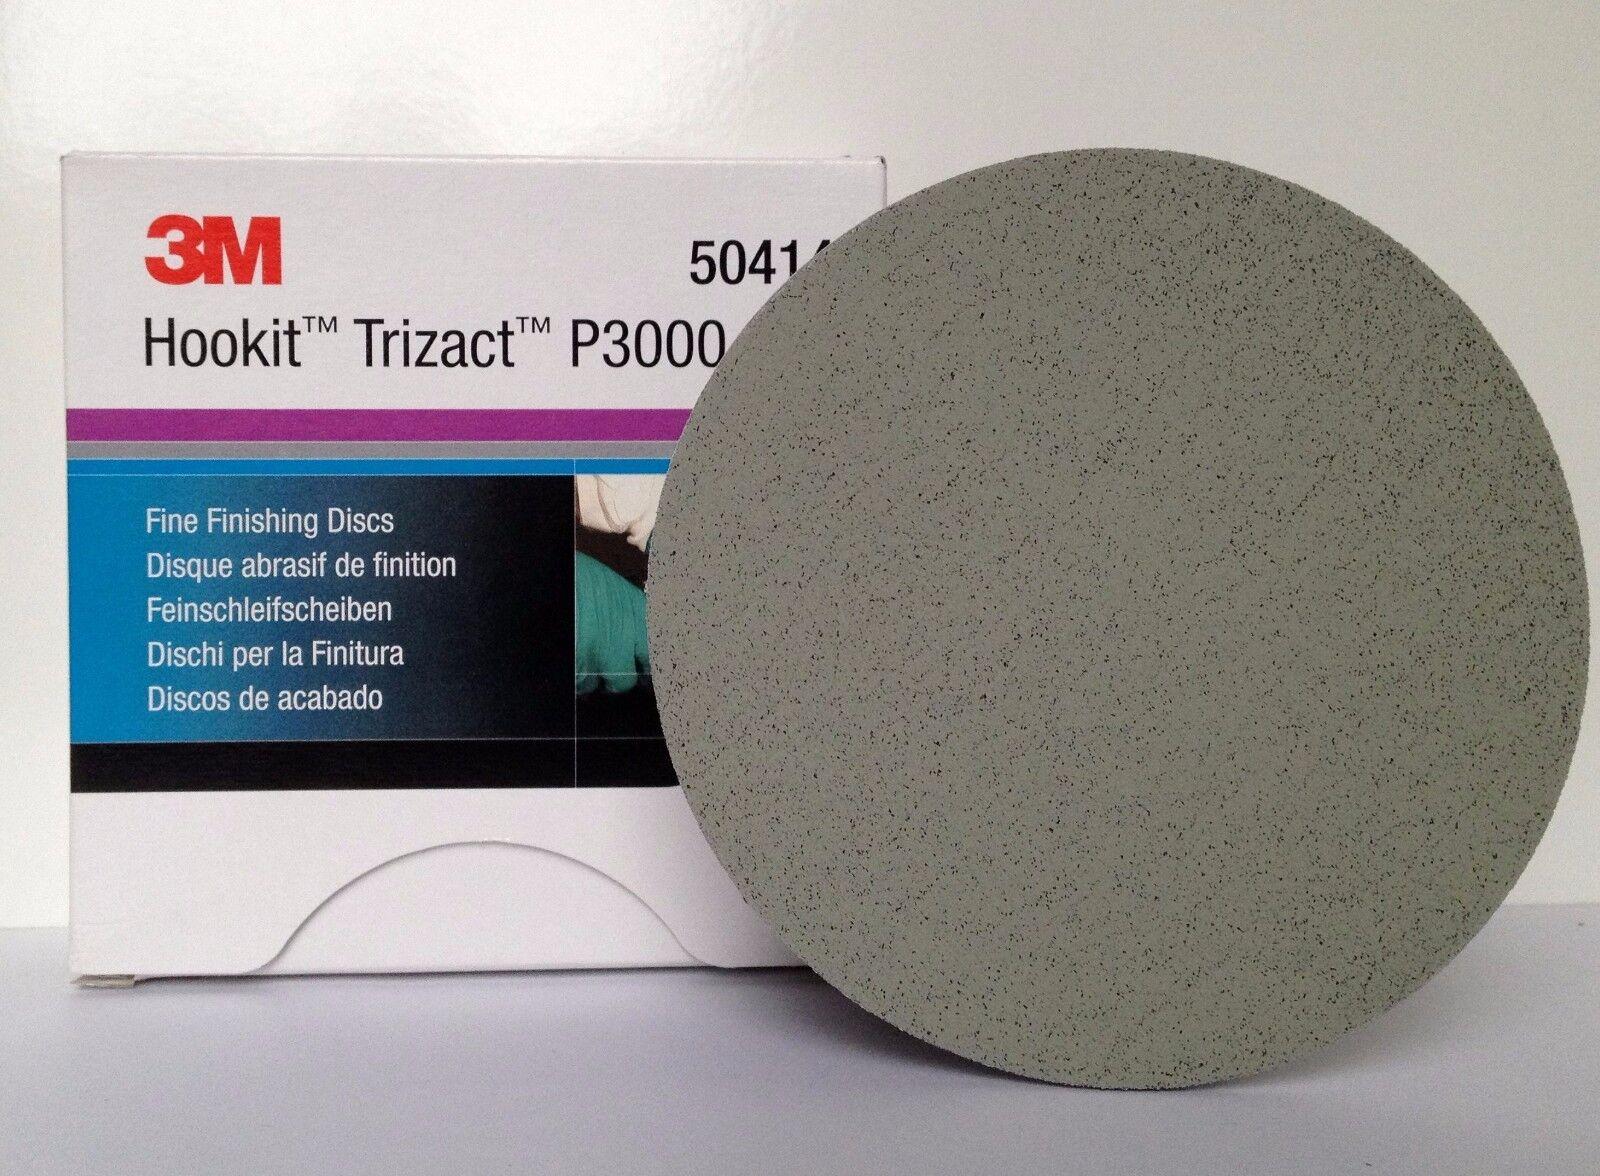 Dischi per finitura 150mm 3M 50414 Hookit Trizact P3000 confezione da 15 pezzi